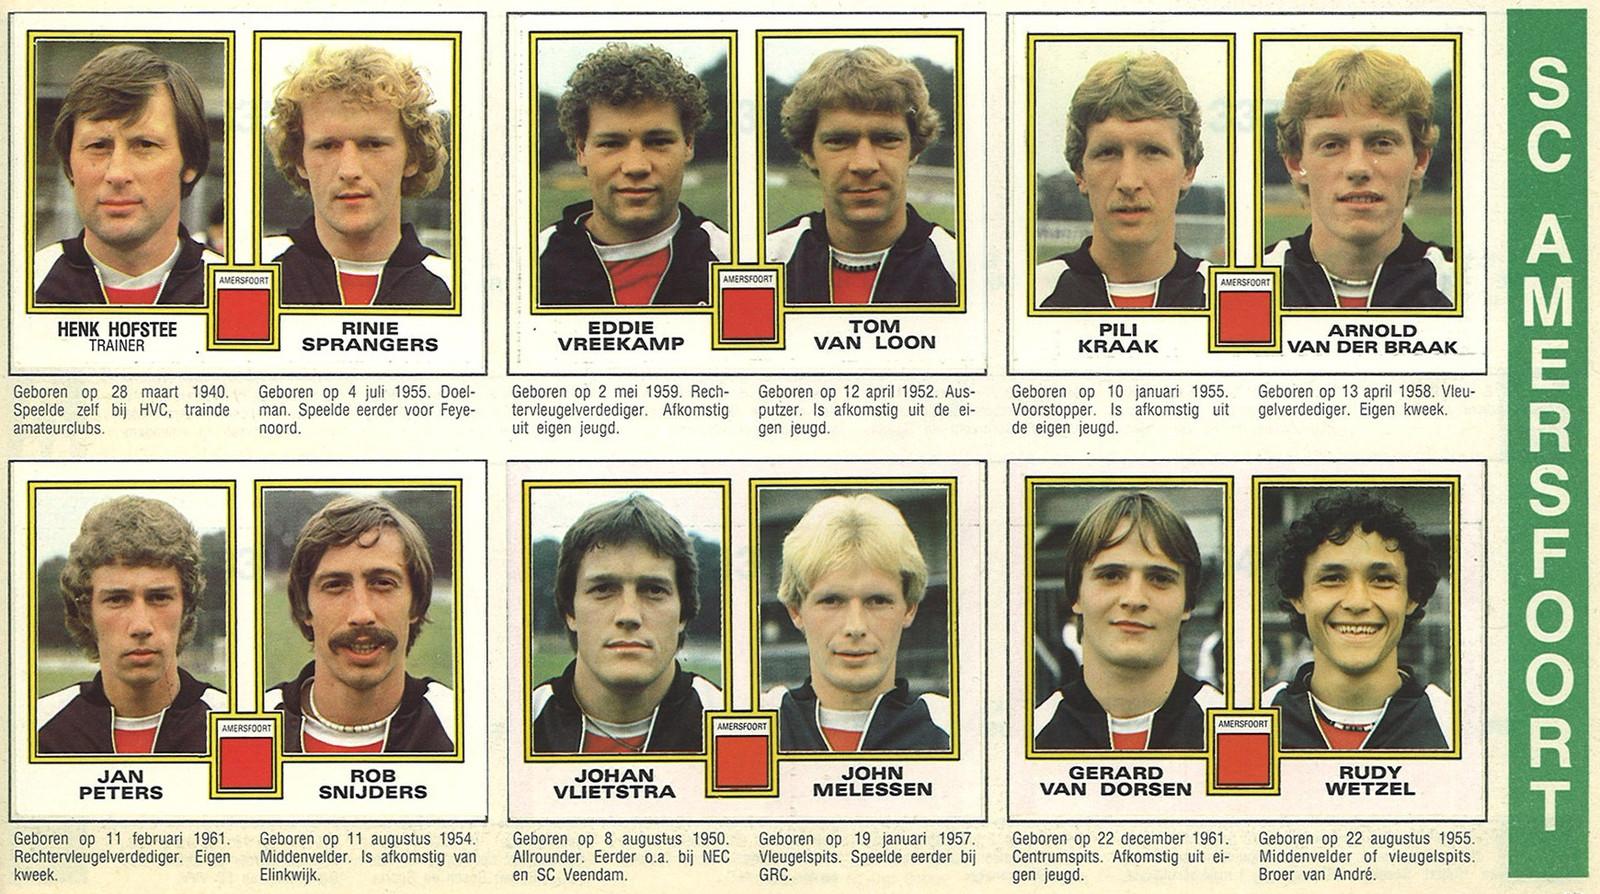 Voor de verzamelaar: plaatjes van trainer en spelers van de Amersfoortse profclub van destijds SC Amersfoort.